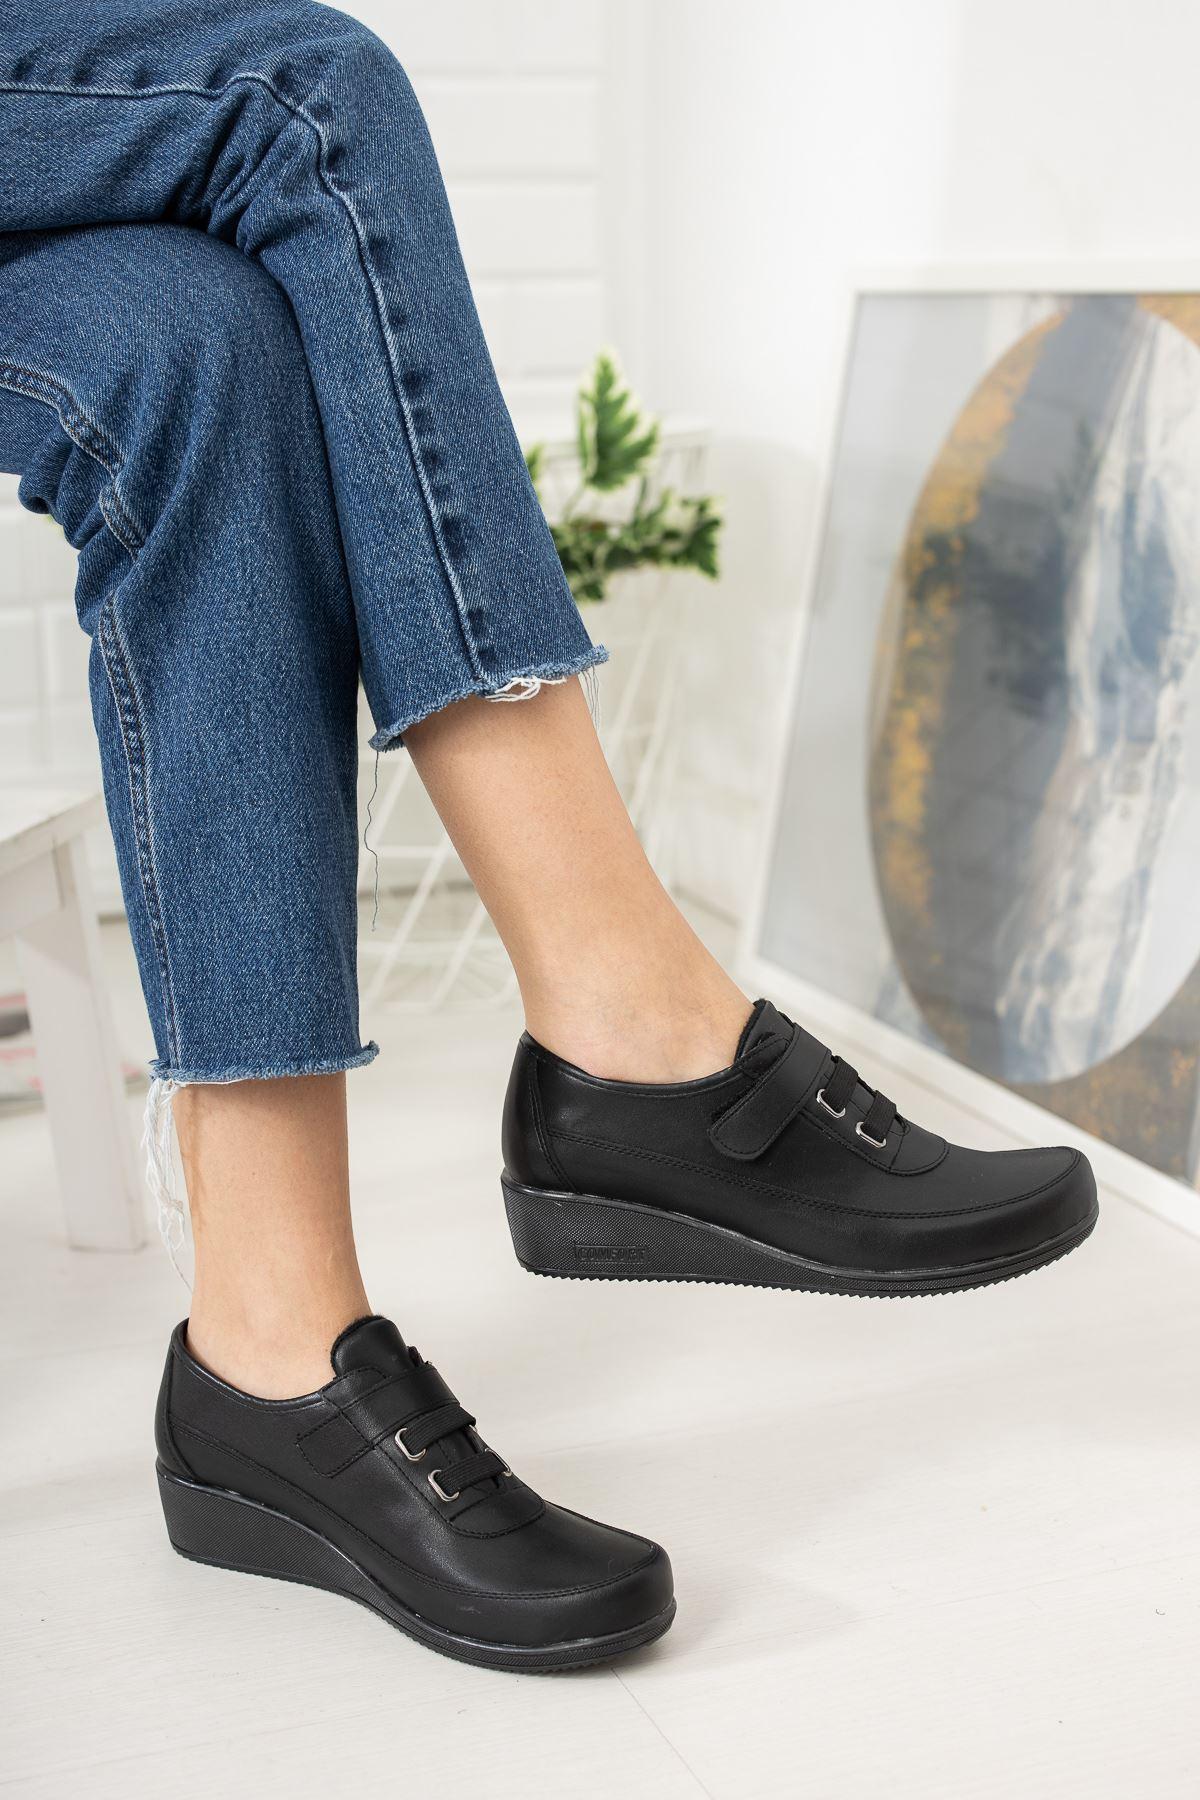 Cırtlı  Ortapedik Pedli Siyah Cilt Ayakkabı